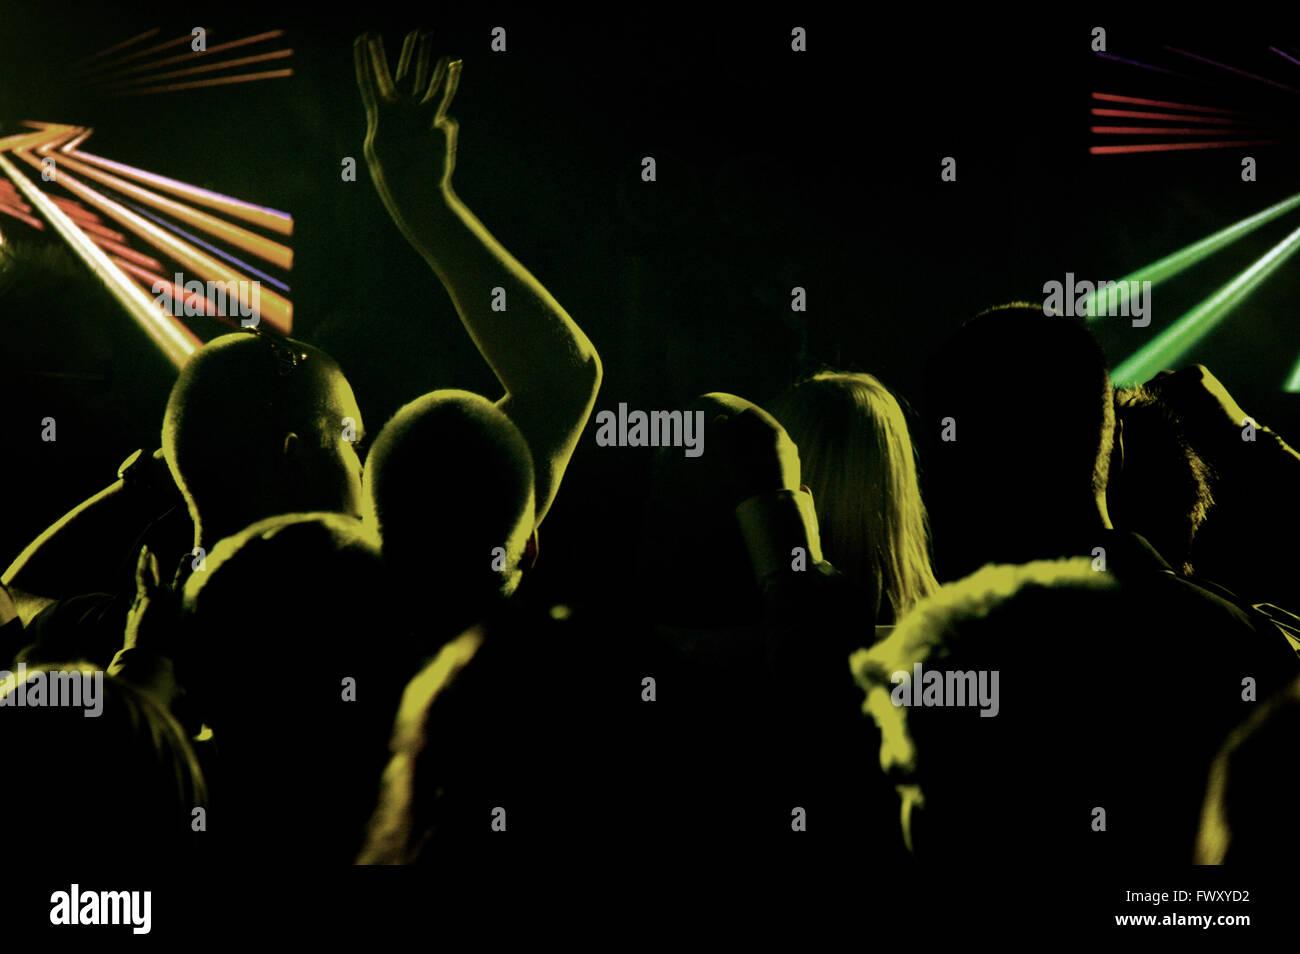 Finnland, Pirkanmaa, Tampere, Silhouetten von Menschen in Nachtclub Stockbild